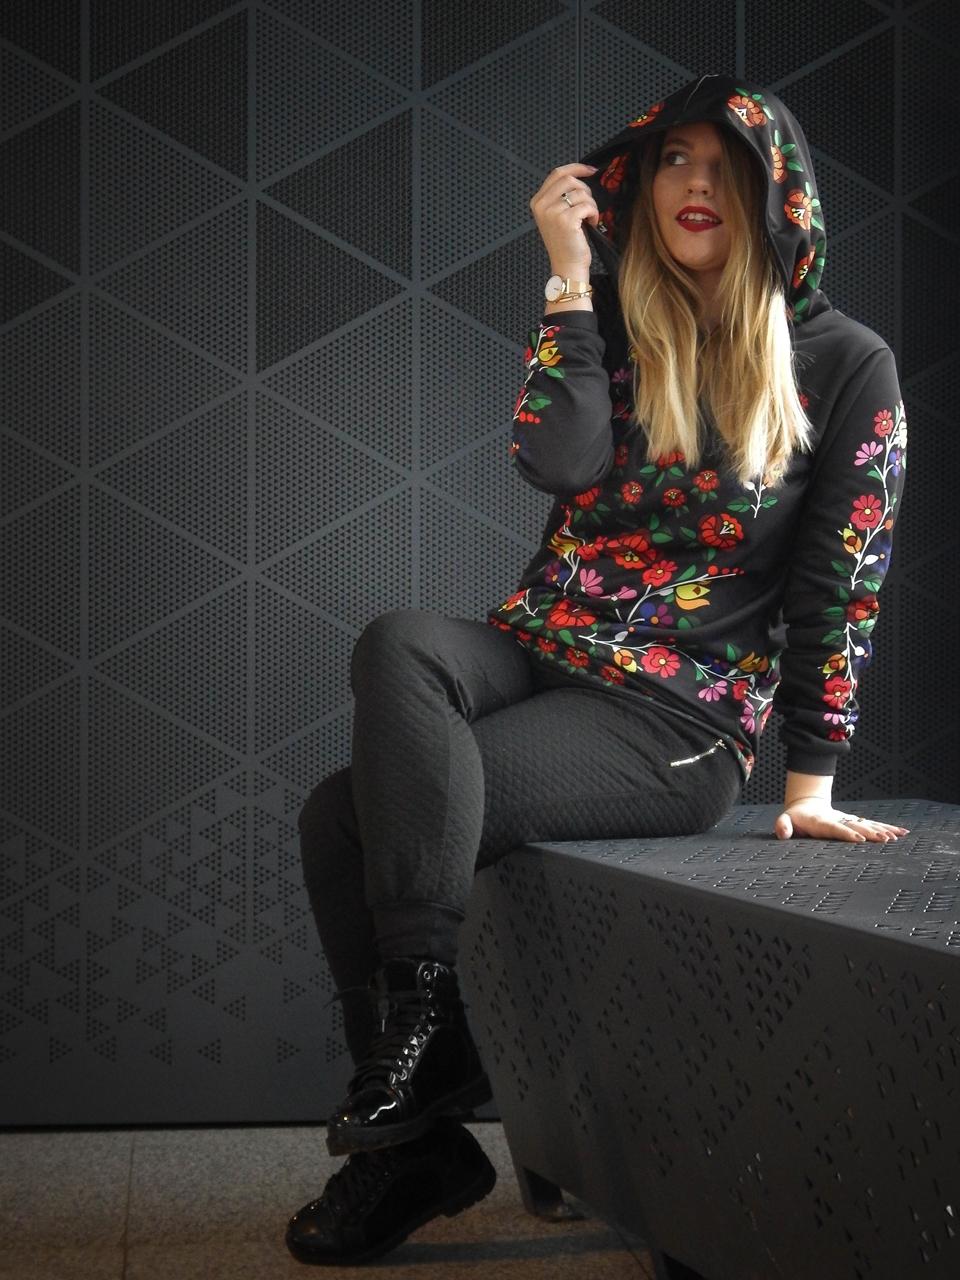 f6-2 folk by koko recenzja opinie ubrania folkowe łowickie motywy bluza góralska sukienka kodra łowicka folkowe ubrania moda ludowa pomysł na prezent fashion blog melodylaniella łódź dworzec łódź fabryczna